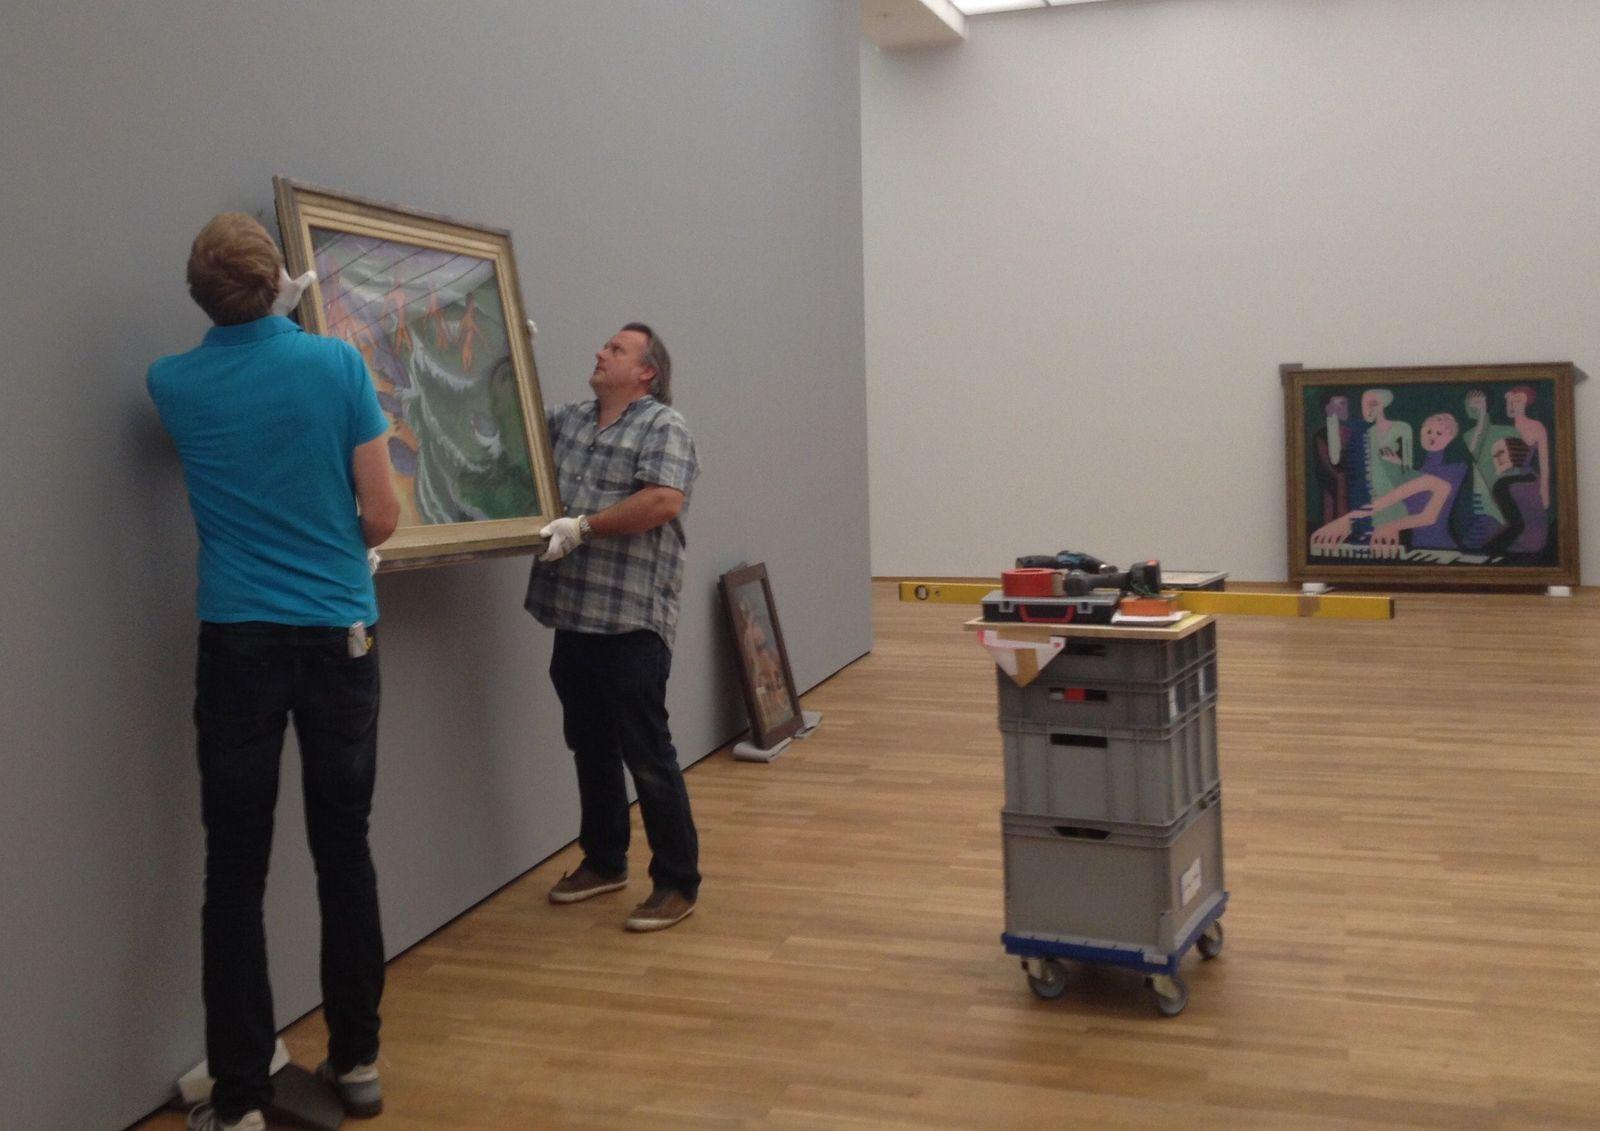 Die Firma Lutz Bertram Ausstellungstechnik und Objektbetreuung bei der Arbeit. Foto: Marie Förster, Nationalgalerie